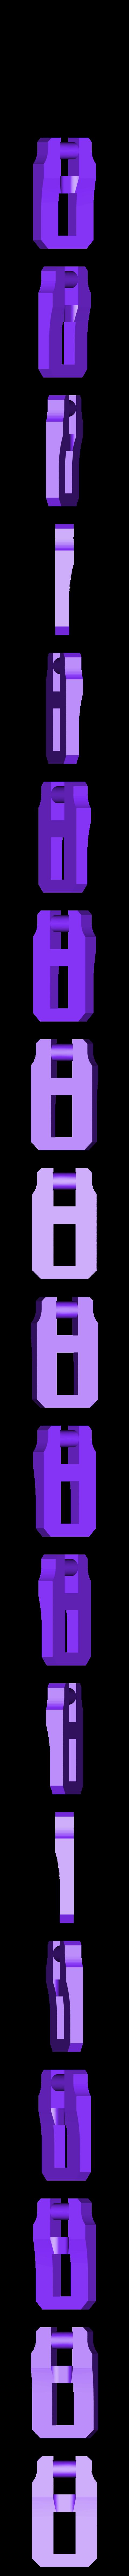 clip3.stl Télécharger fichier STL gratuit Moraillon de style classique pour boîtes modèle 2 • Modèle à imprimer en 3D, raffosan